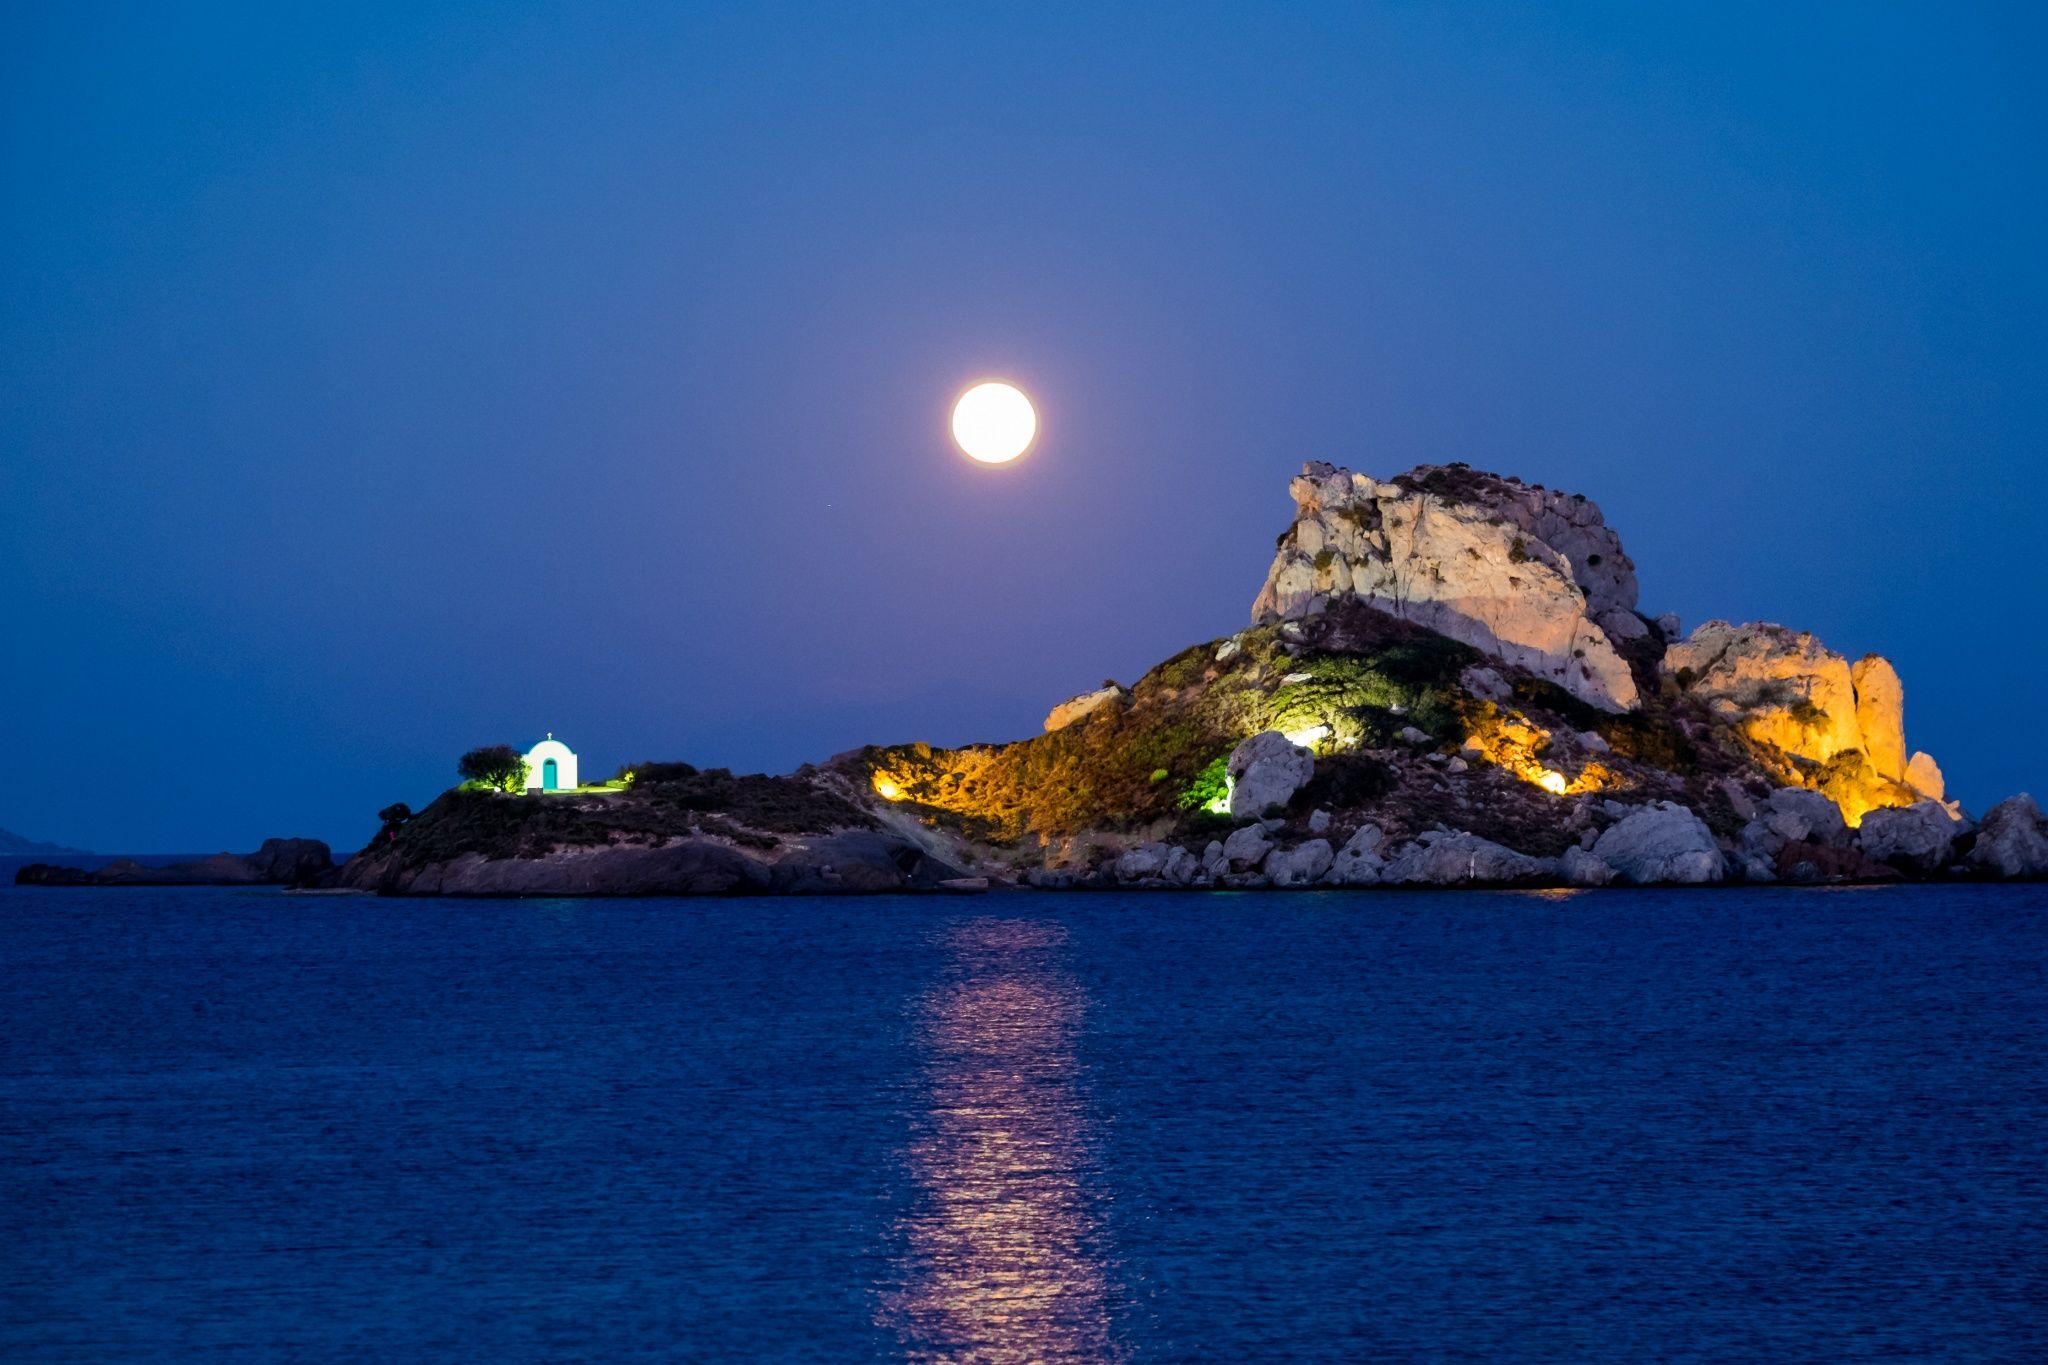 Moonrise on the Aegean